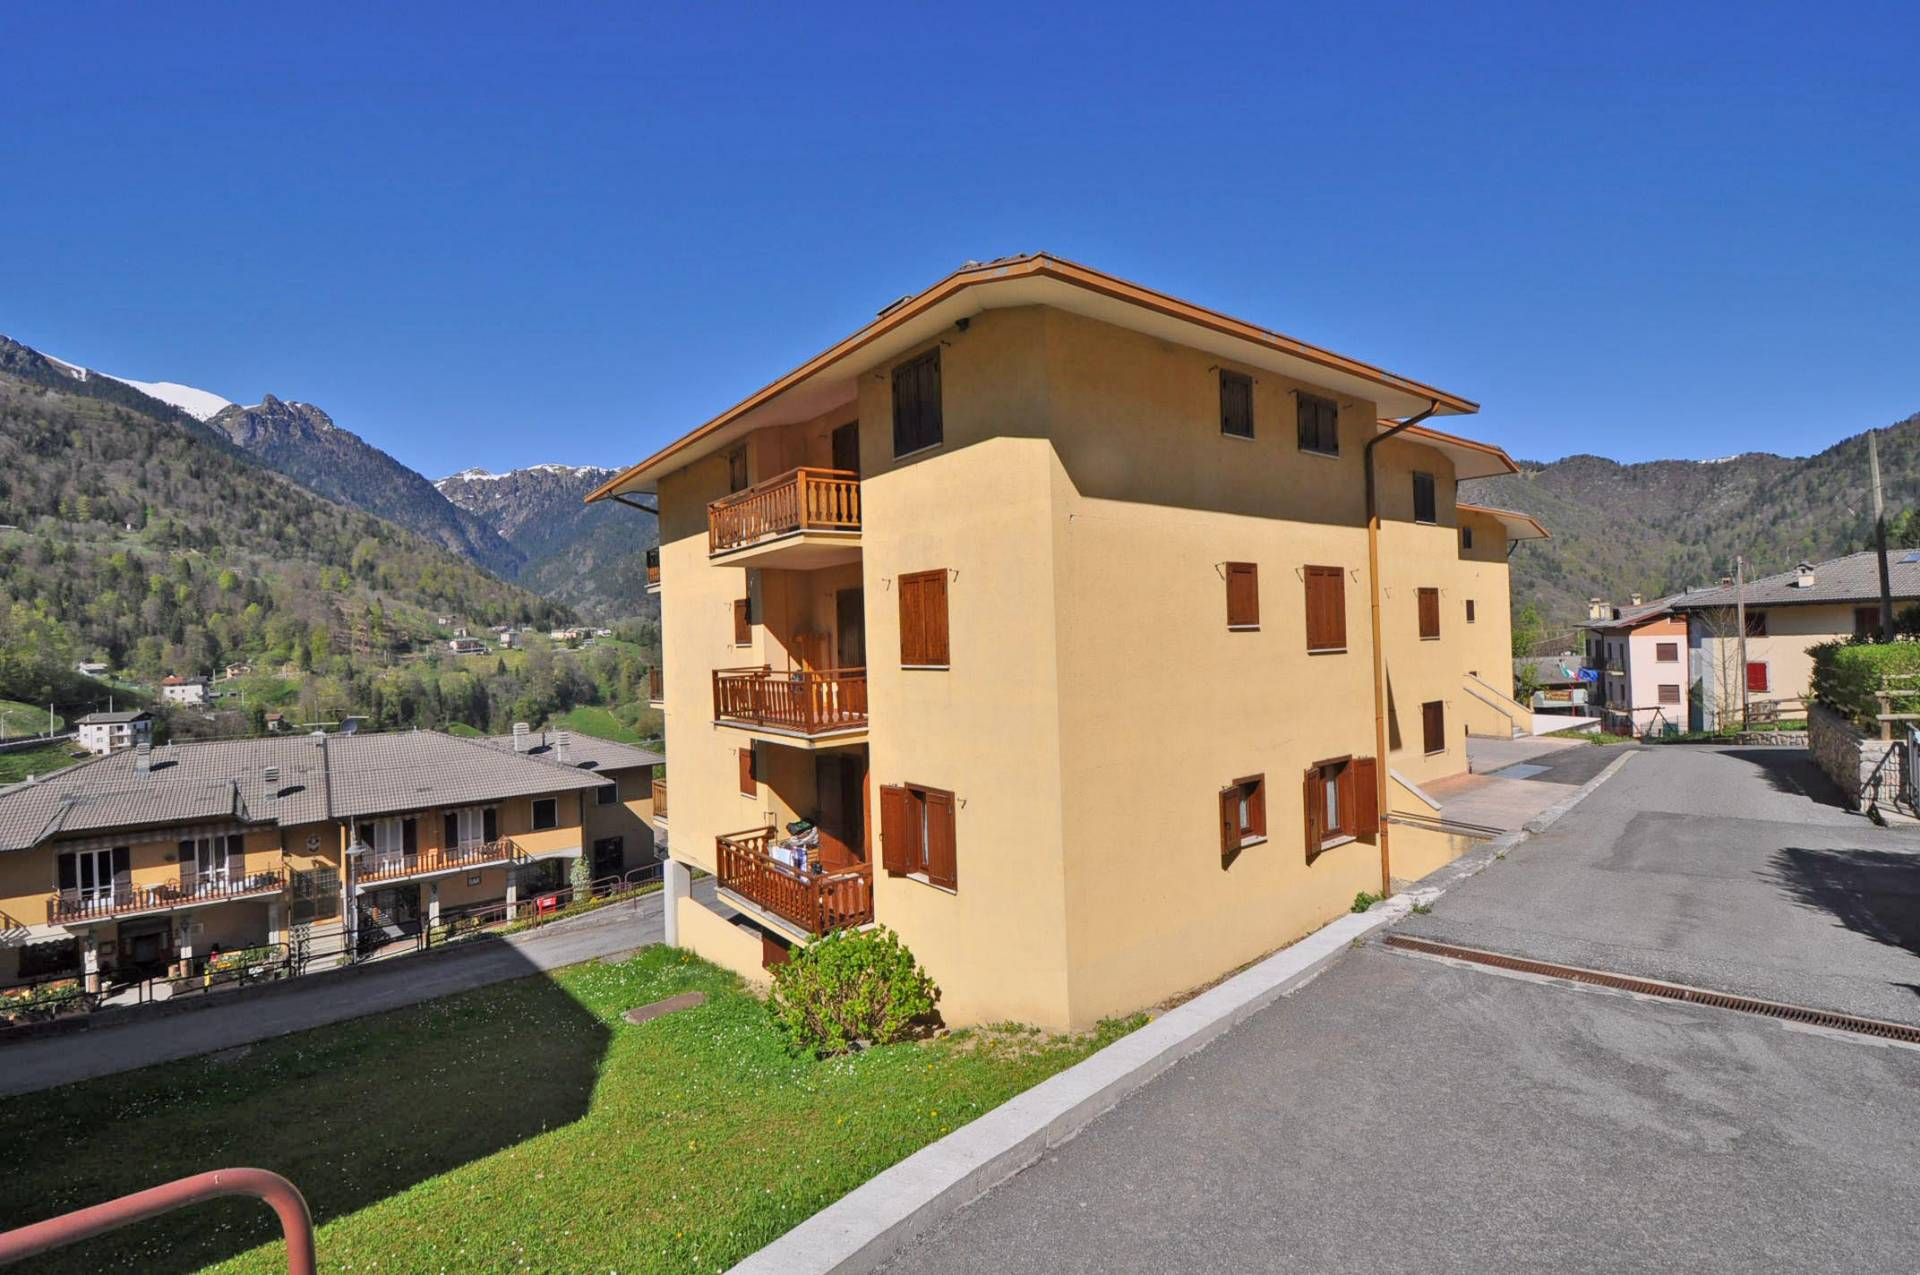 Appartamento in vendita a Santa Brigida, 3 locali, prezzo € 49.900 | Cambio Casa.it